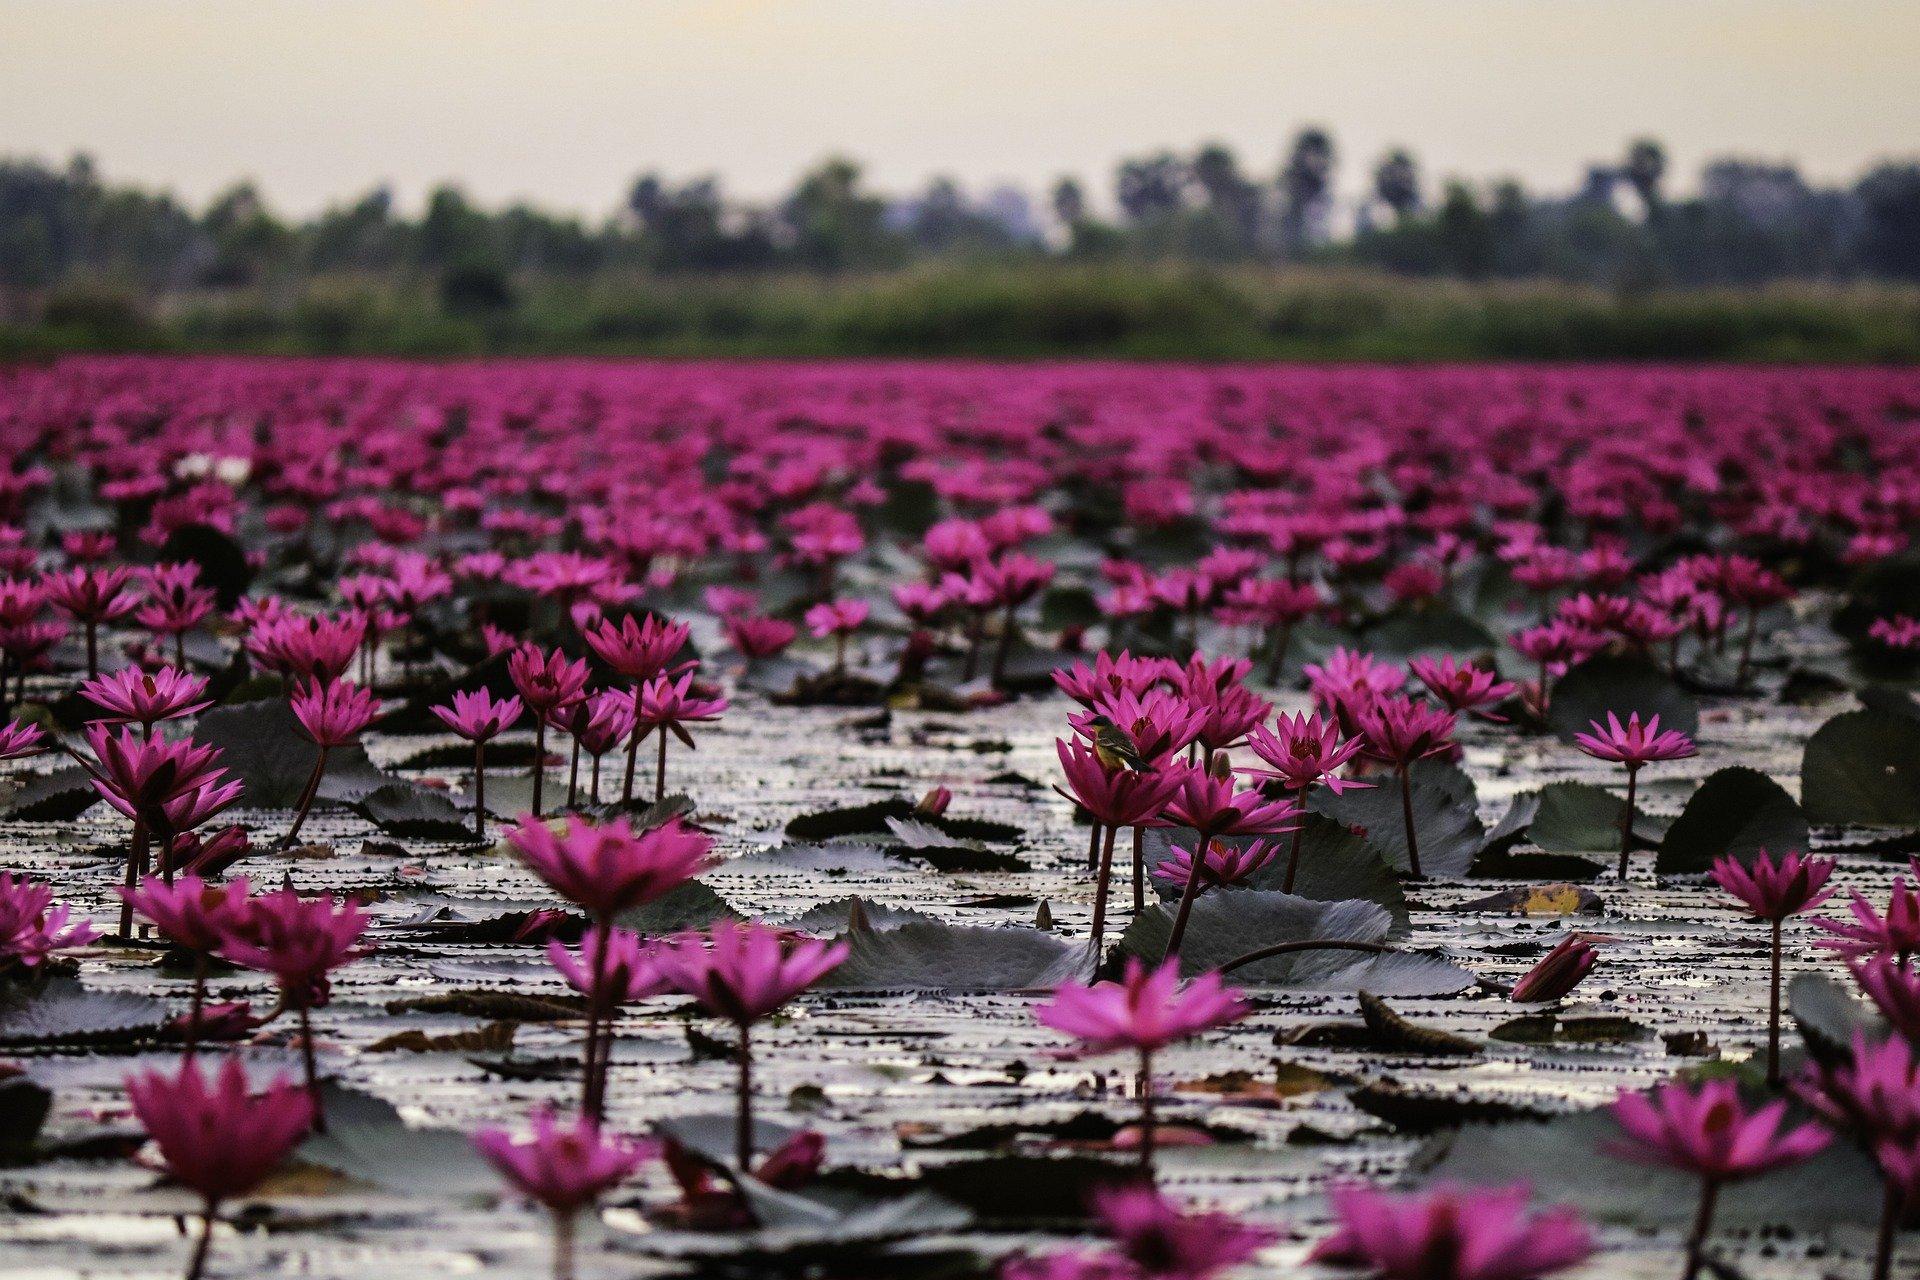 lago grigio pieno di ninfee viola